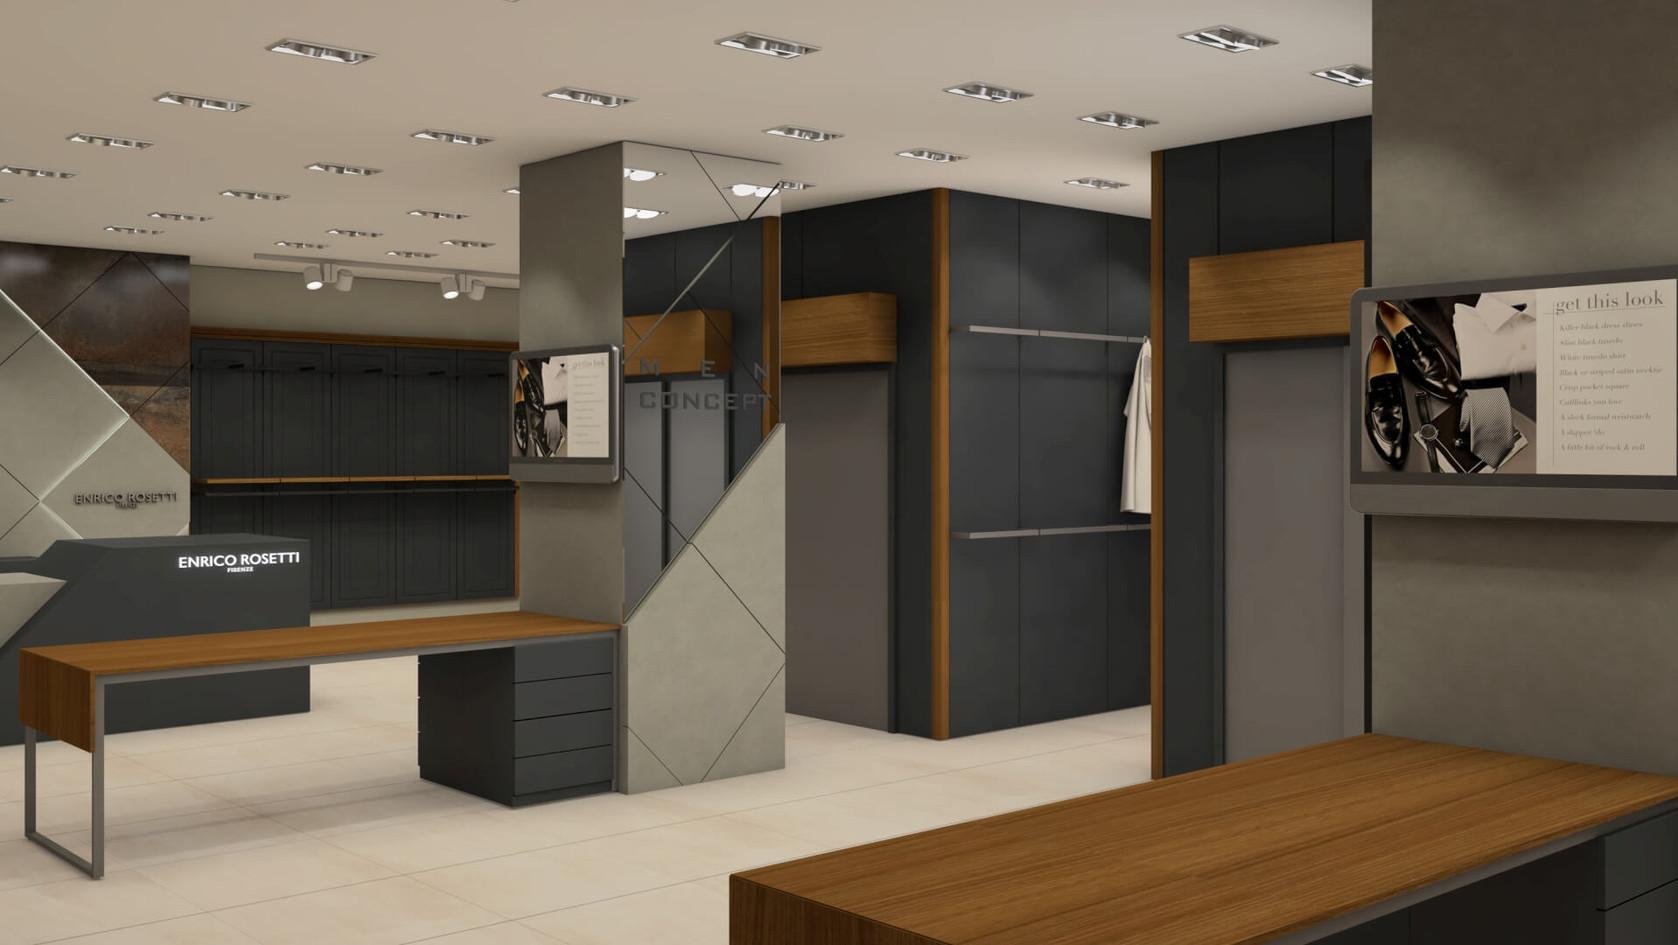 Enrico Rosetti - Fashion Store Shop Design